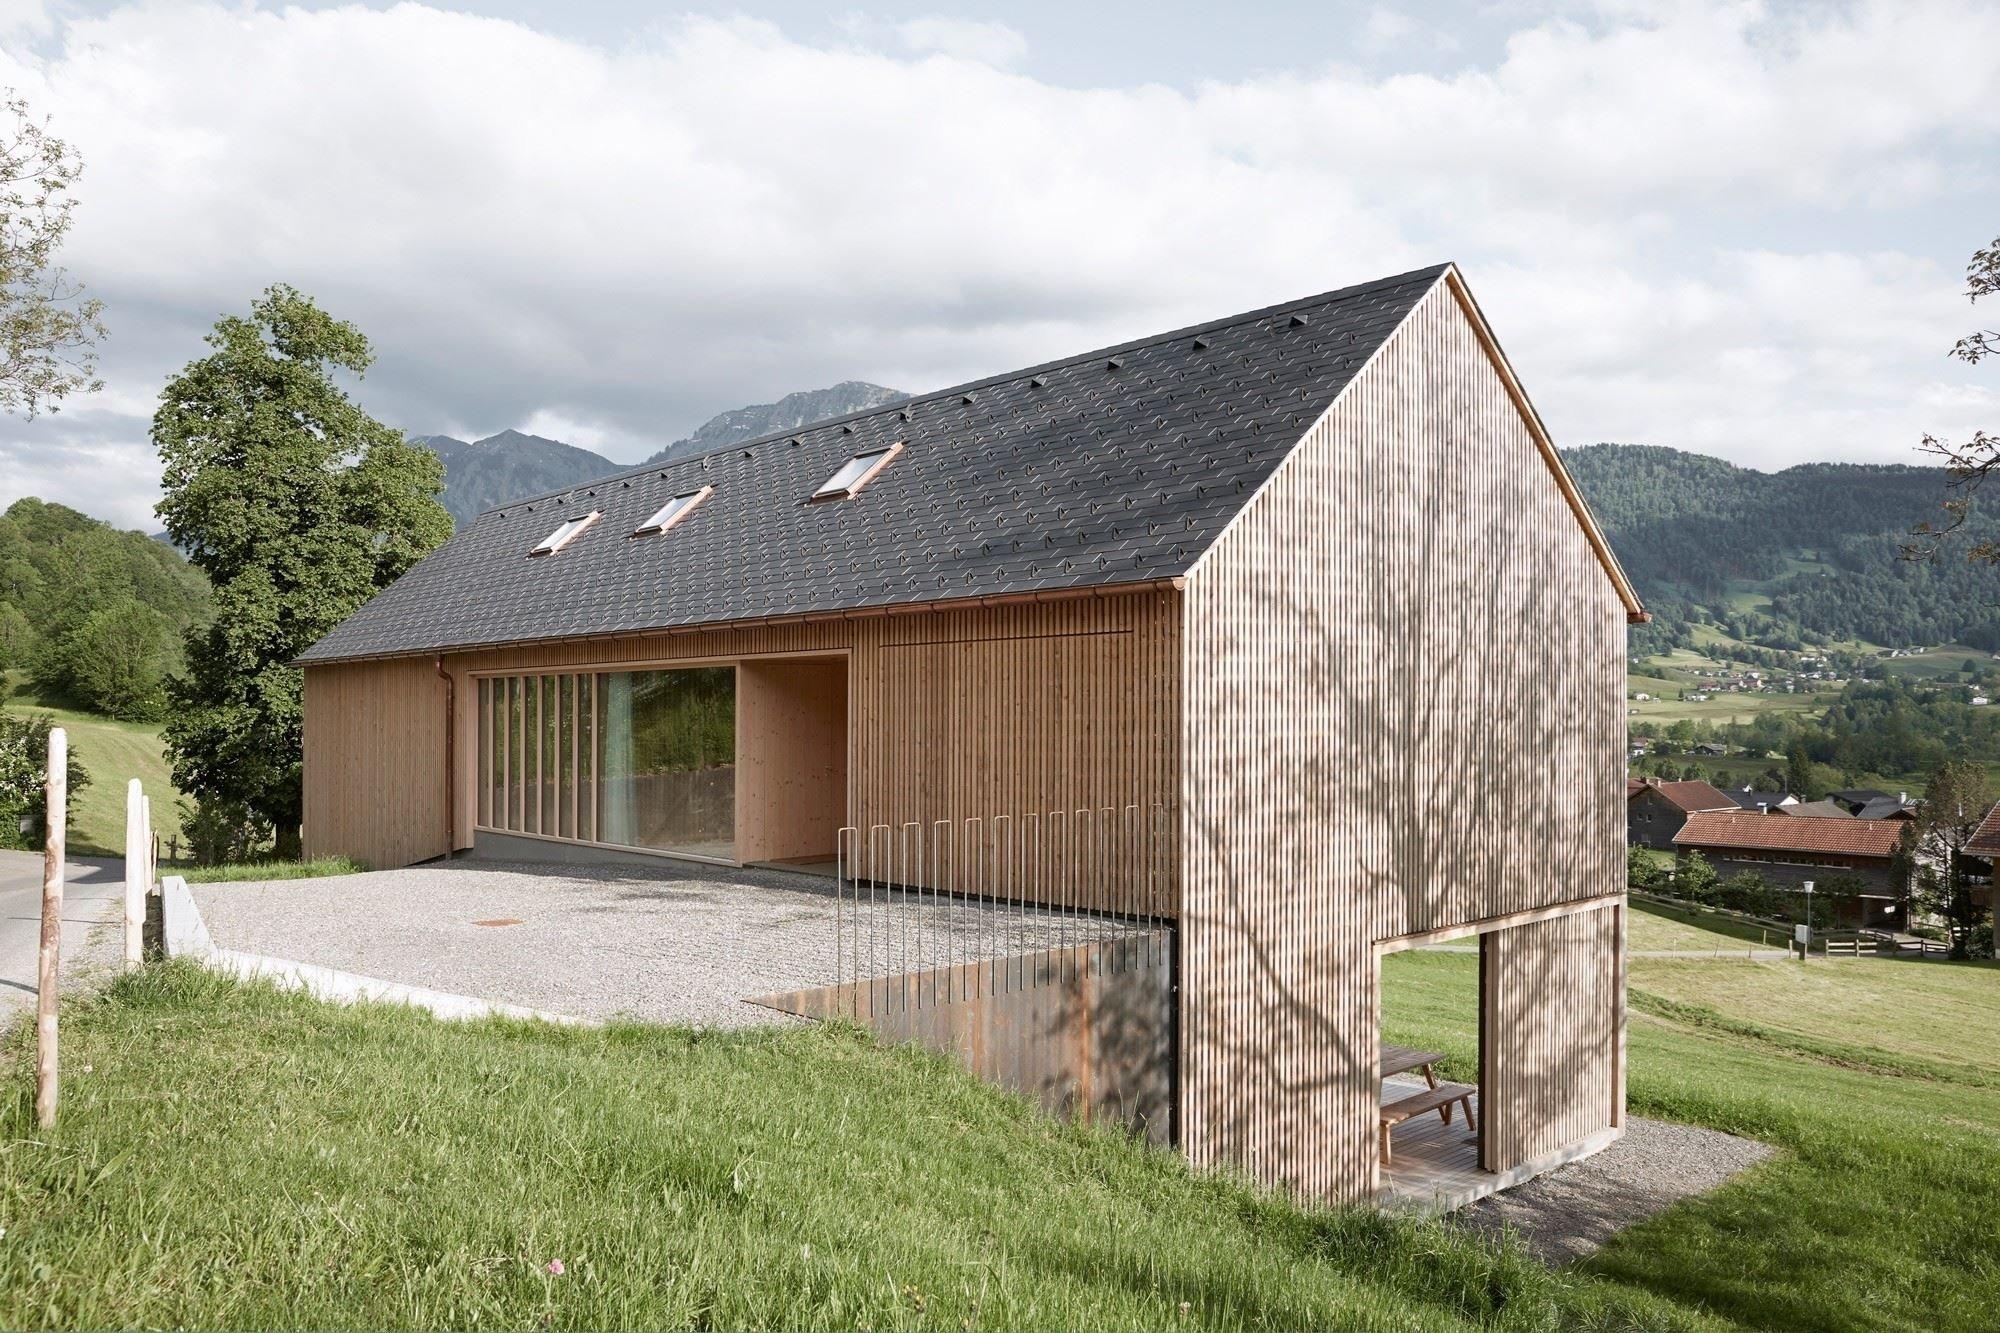 Přírodní materiály jsou v popředí interiérového designu již několikátou sezónu, a tak se architekti ze studia Innauer Matt  rozhodli v jednom ze svých projektů ukázat, jak by vypadal dům v čistě dřevěném provedení.